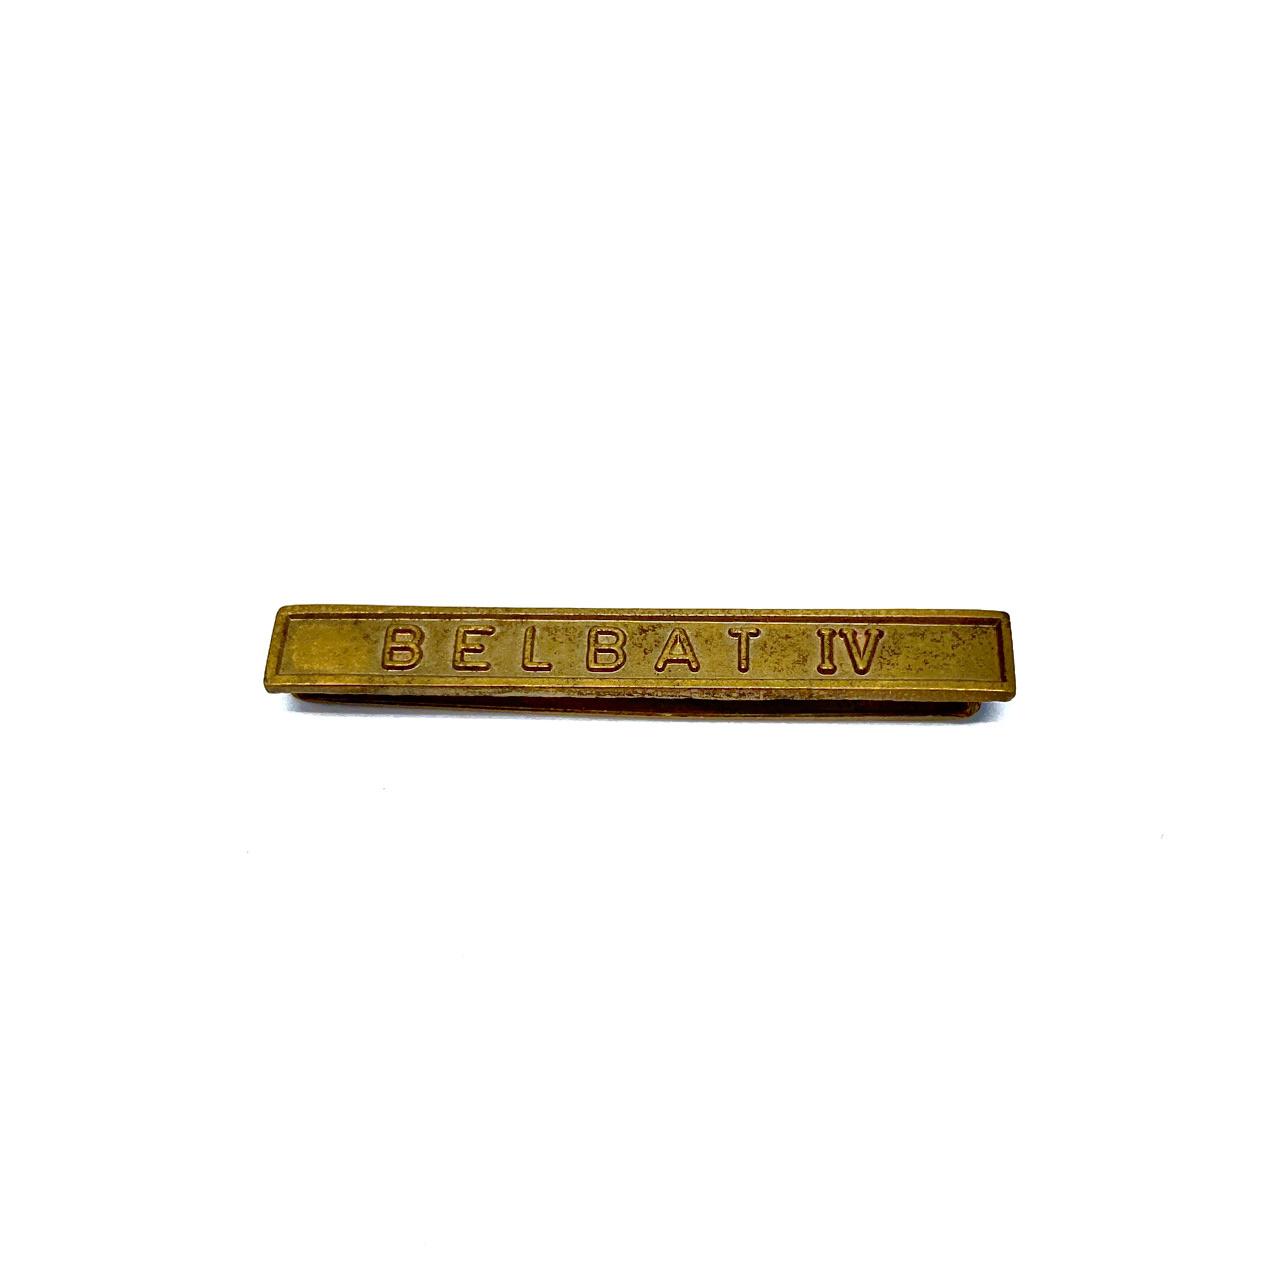 Barrette Belbat IV pour décorations militaires